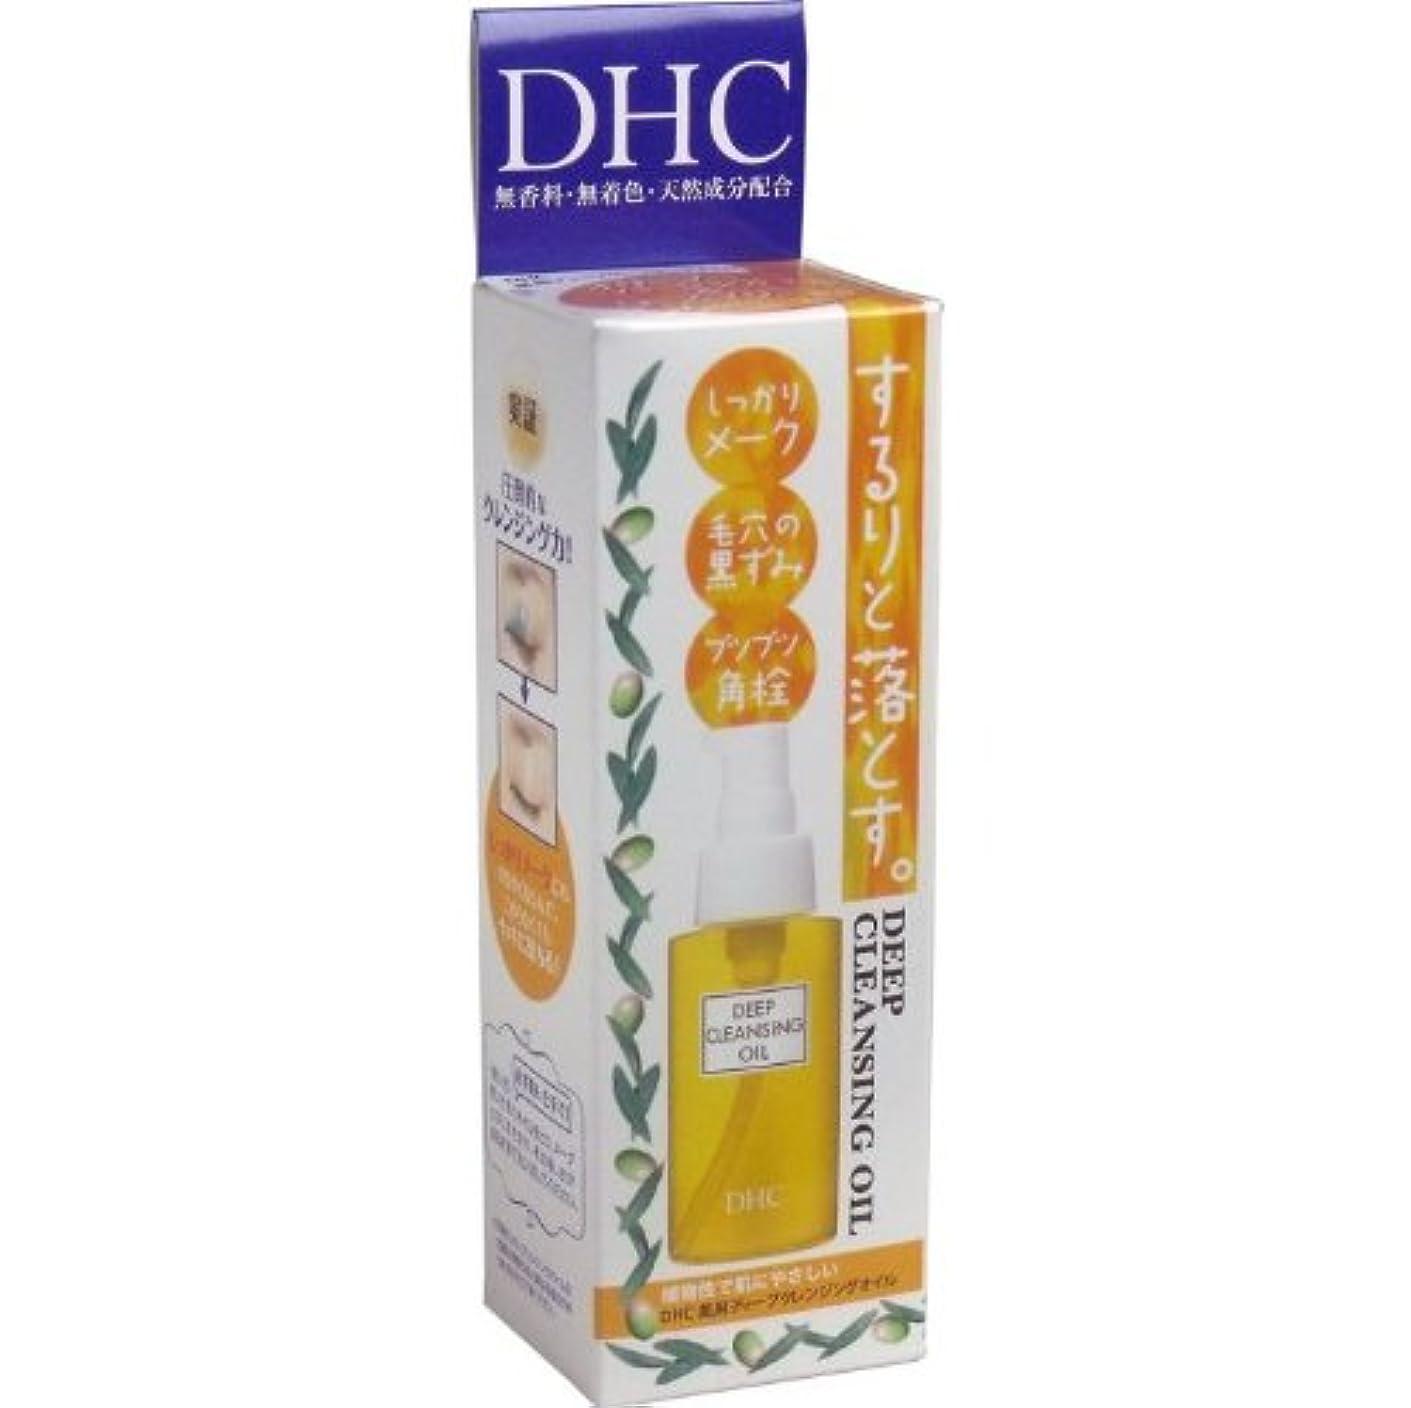 特性心のこもったハードリングDHC 薬用ディープクレンジングオイル 70mL